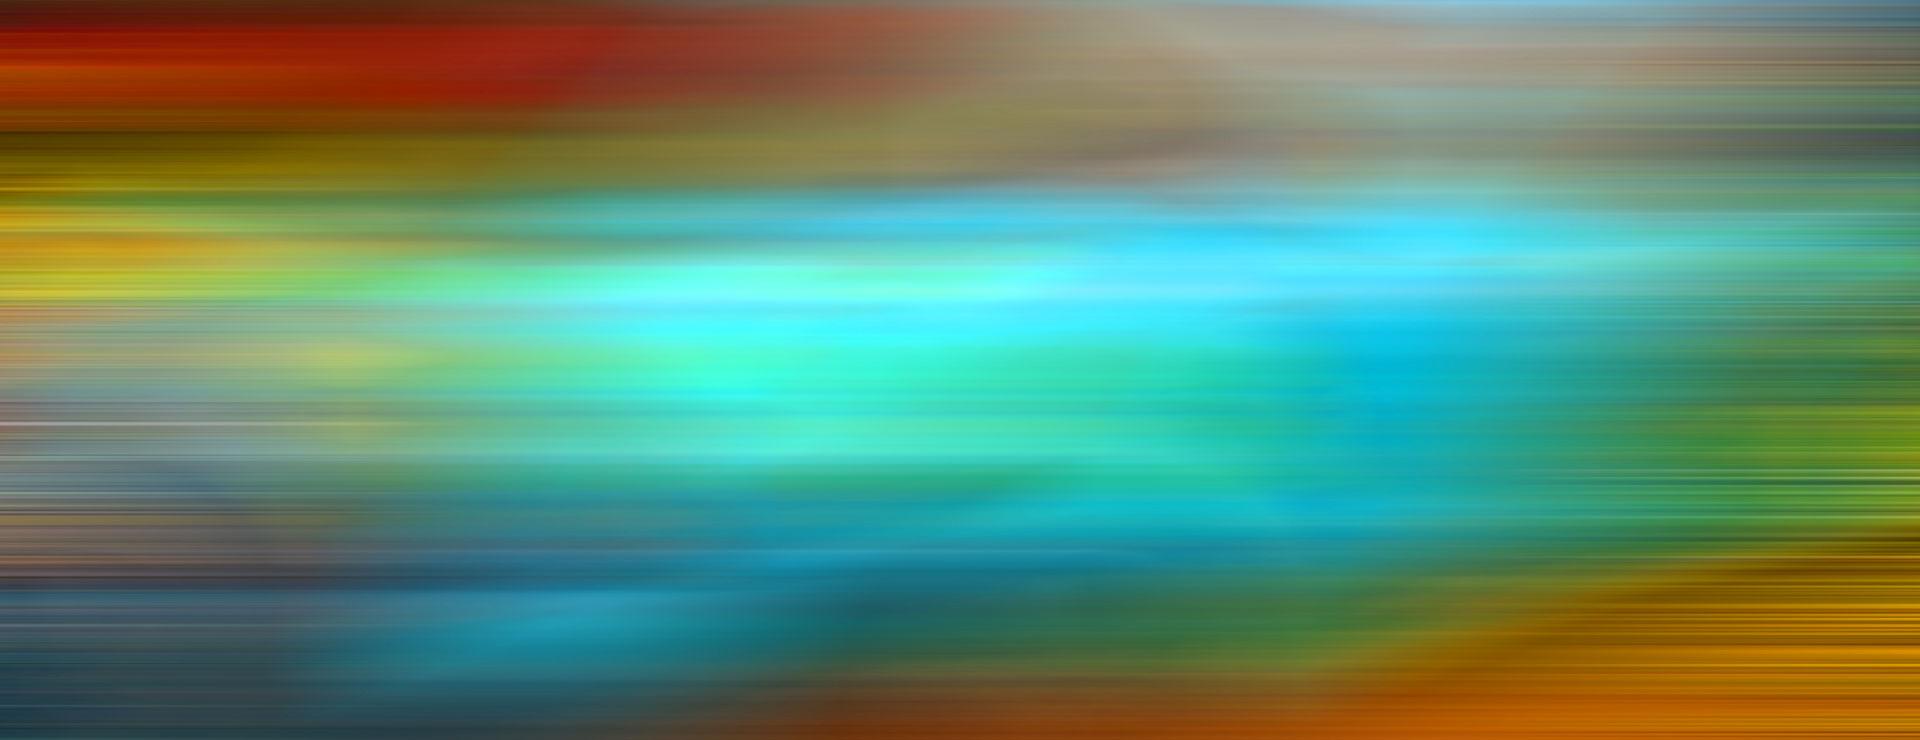 Mashuni slider blur